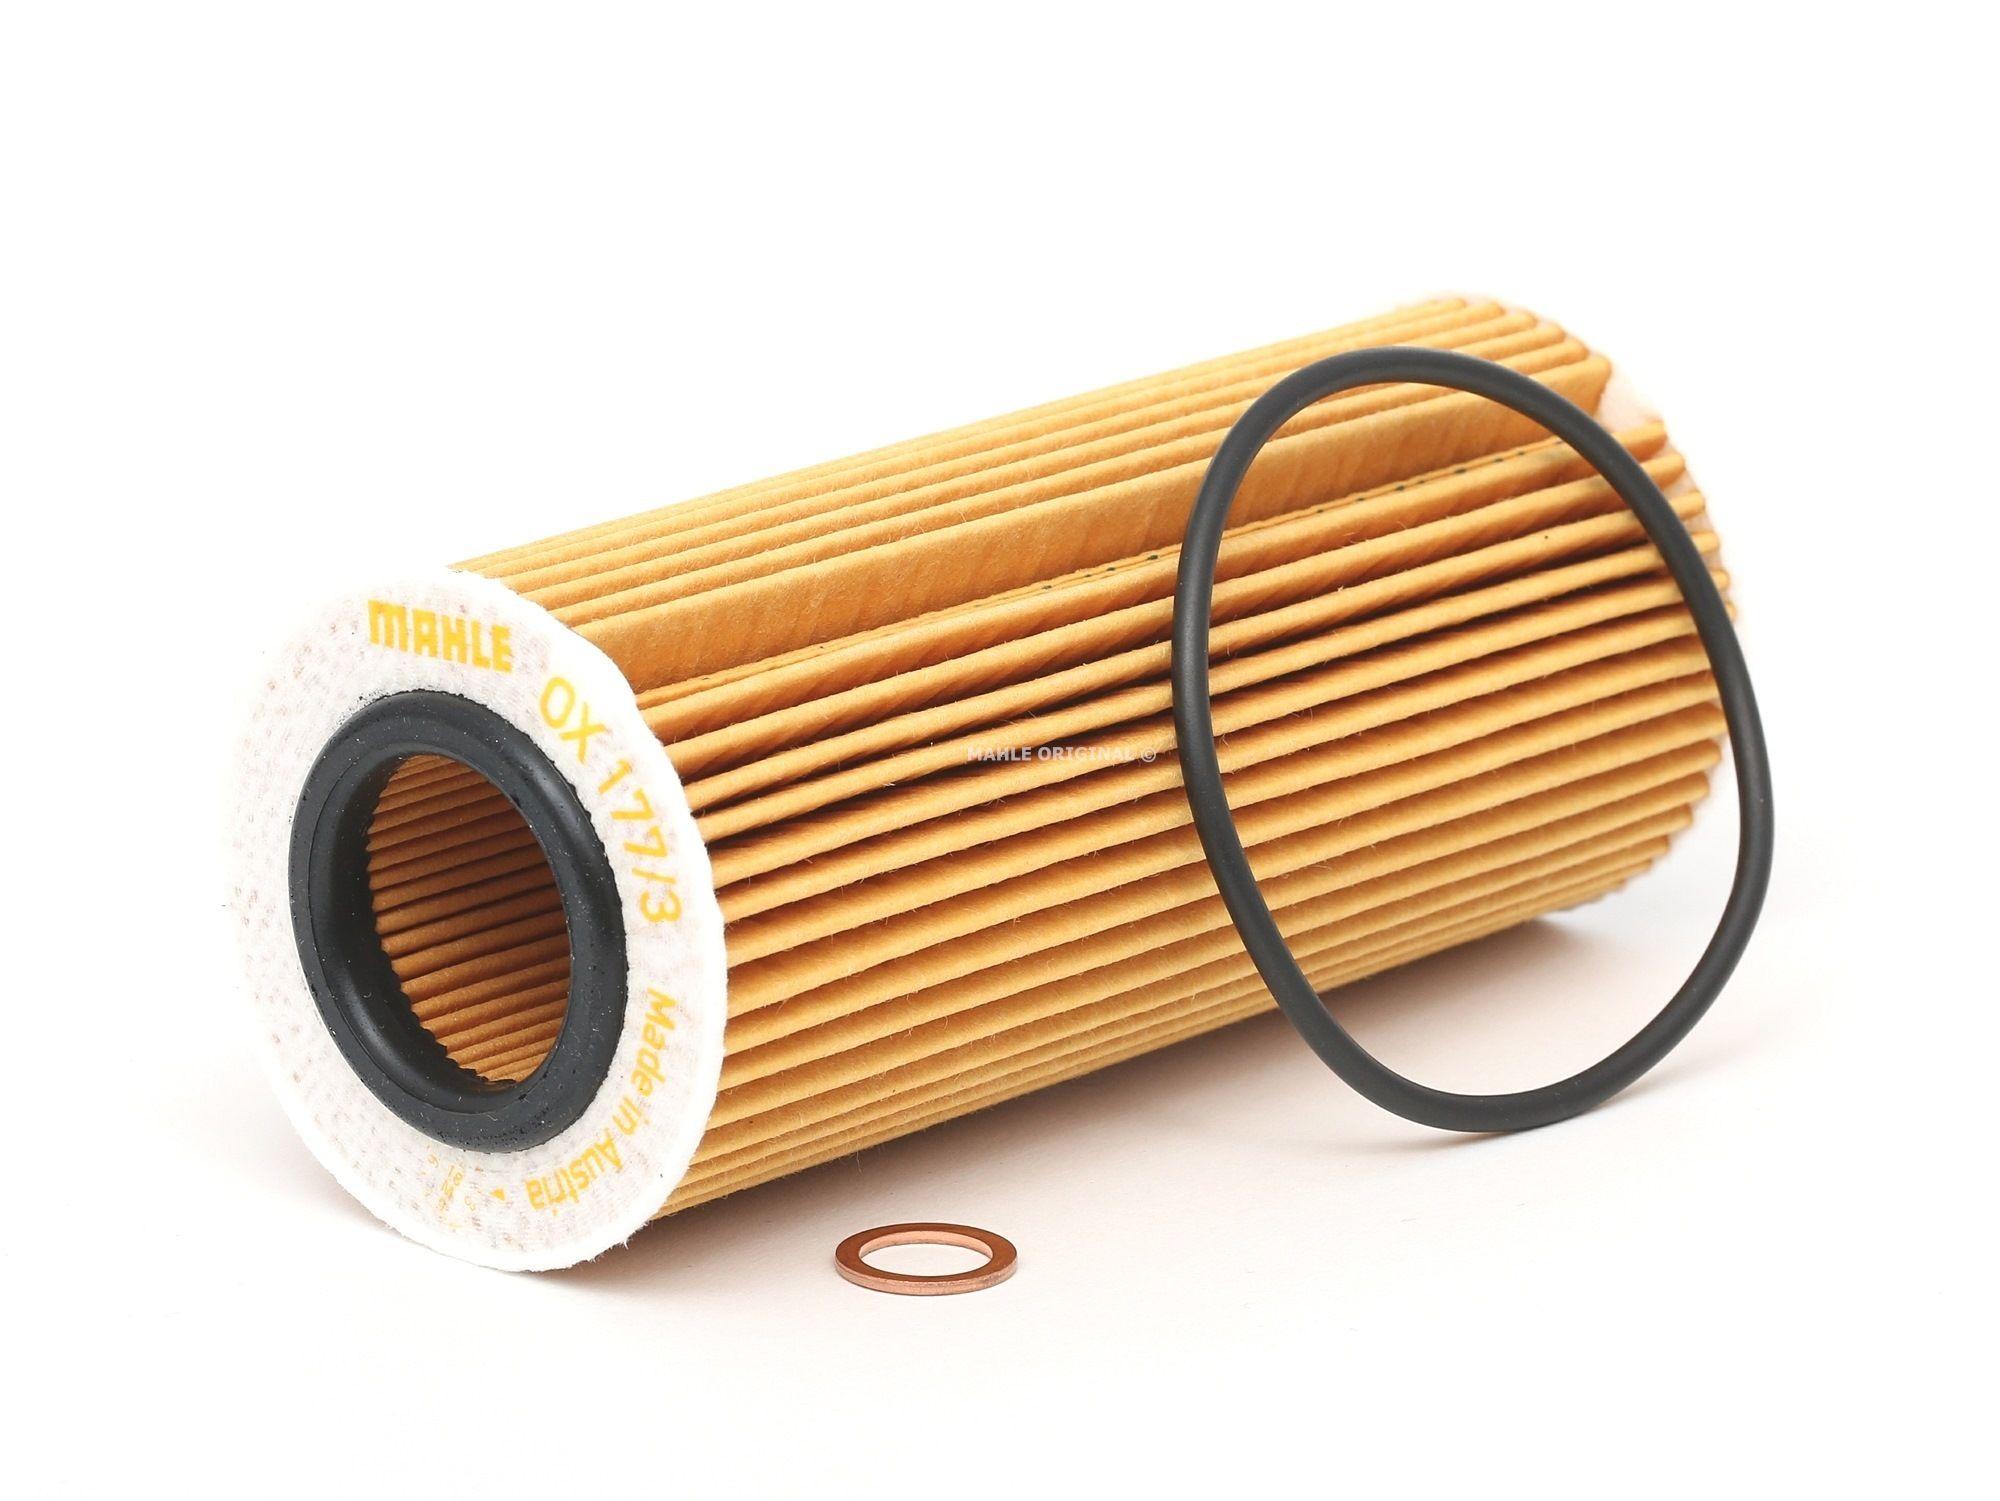 79929250 MAHLE ORIGINAL Filtereinsatz Innendurchmesser 2: 32mm, Ø: 64,5mm, Ø: 64,5mm, Höhe: 153mm, Höhe 1: 149mm Ölfilter OX 177/3D günstig kaufen